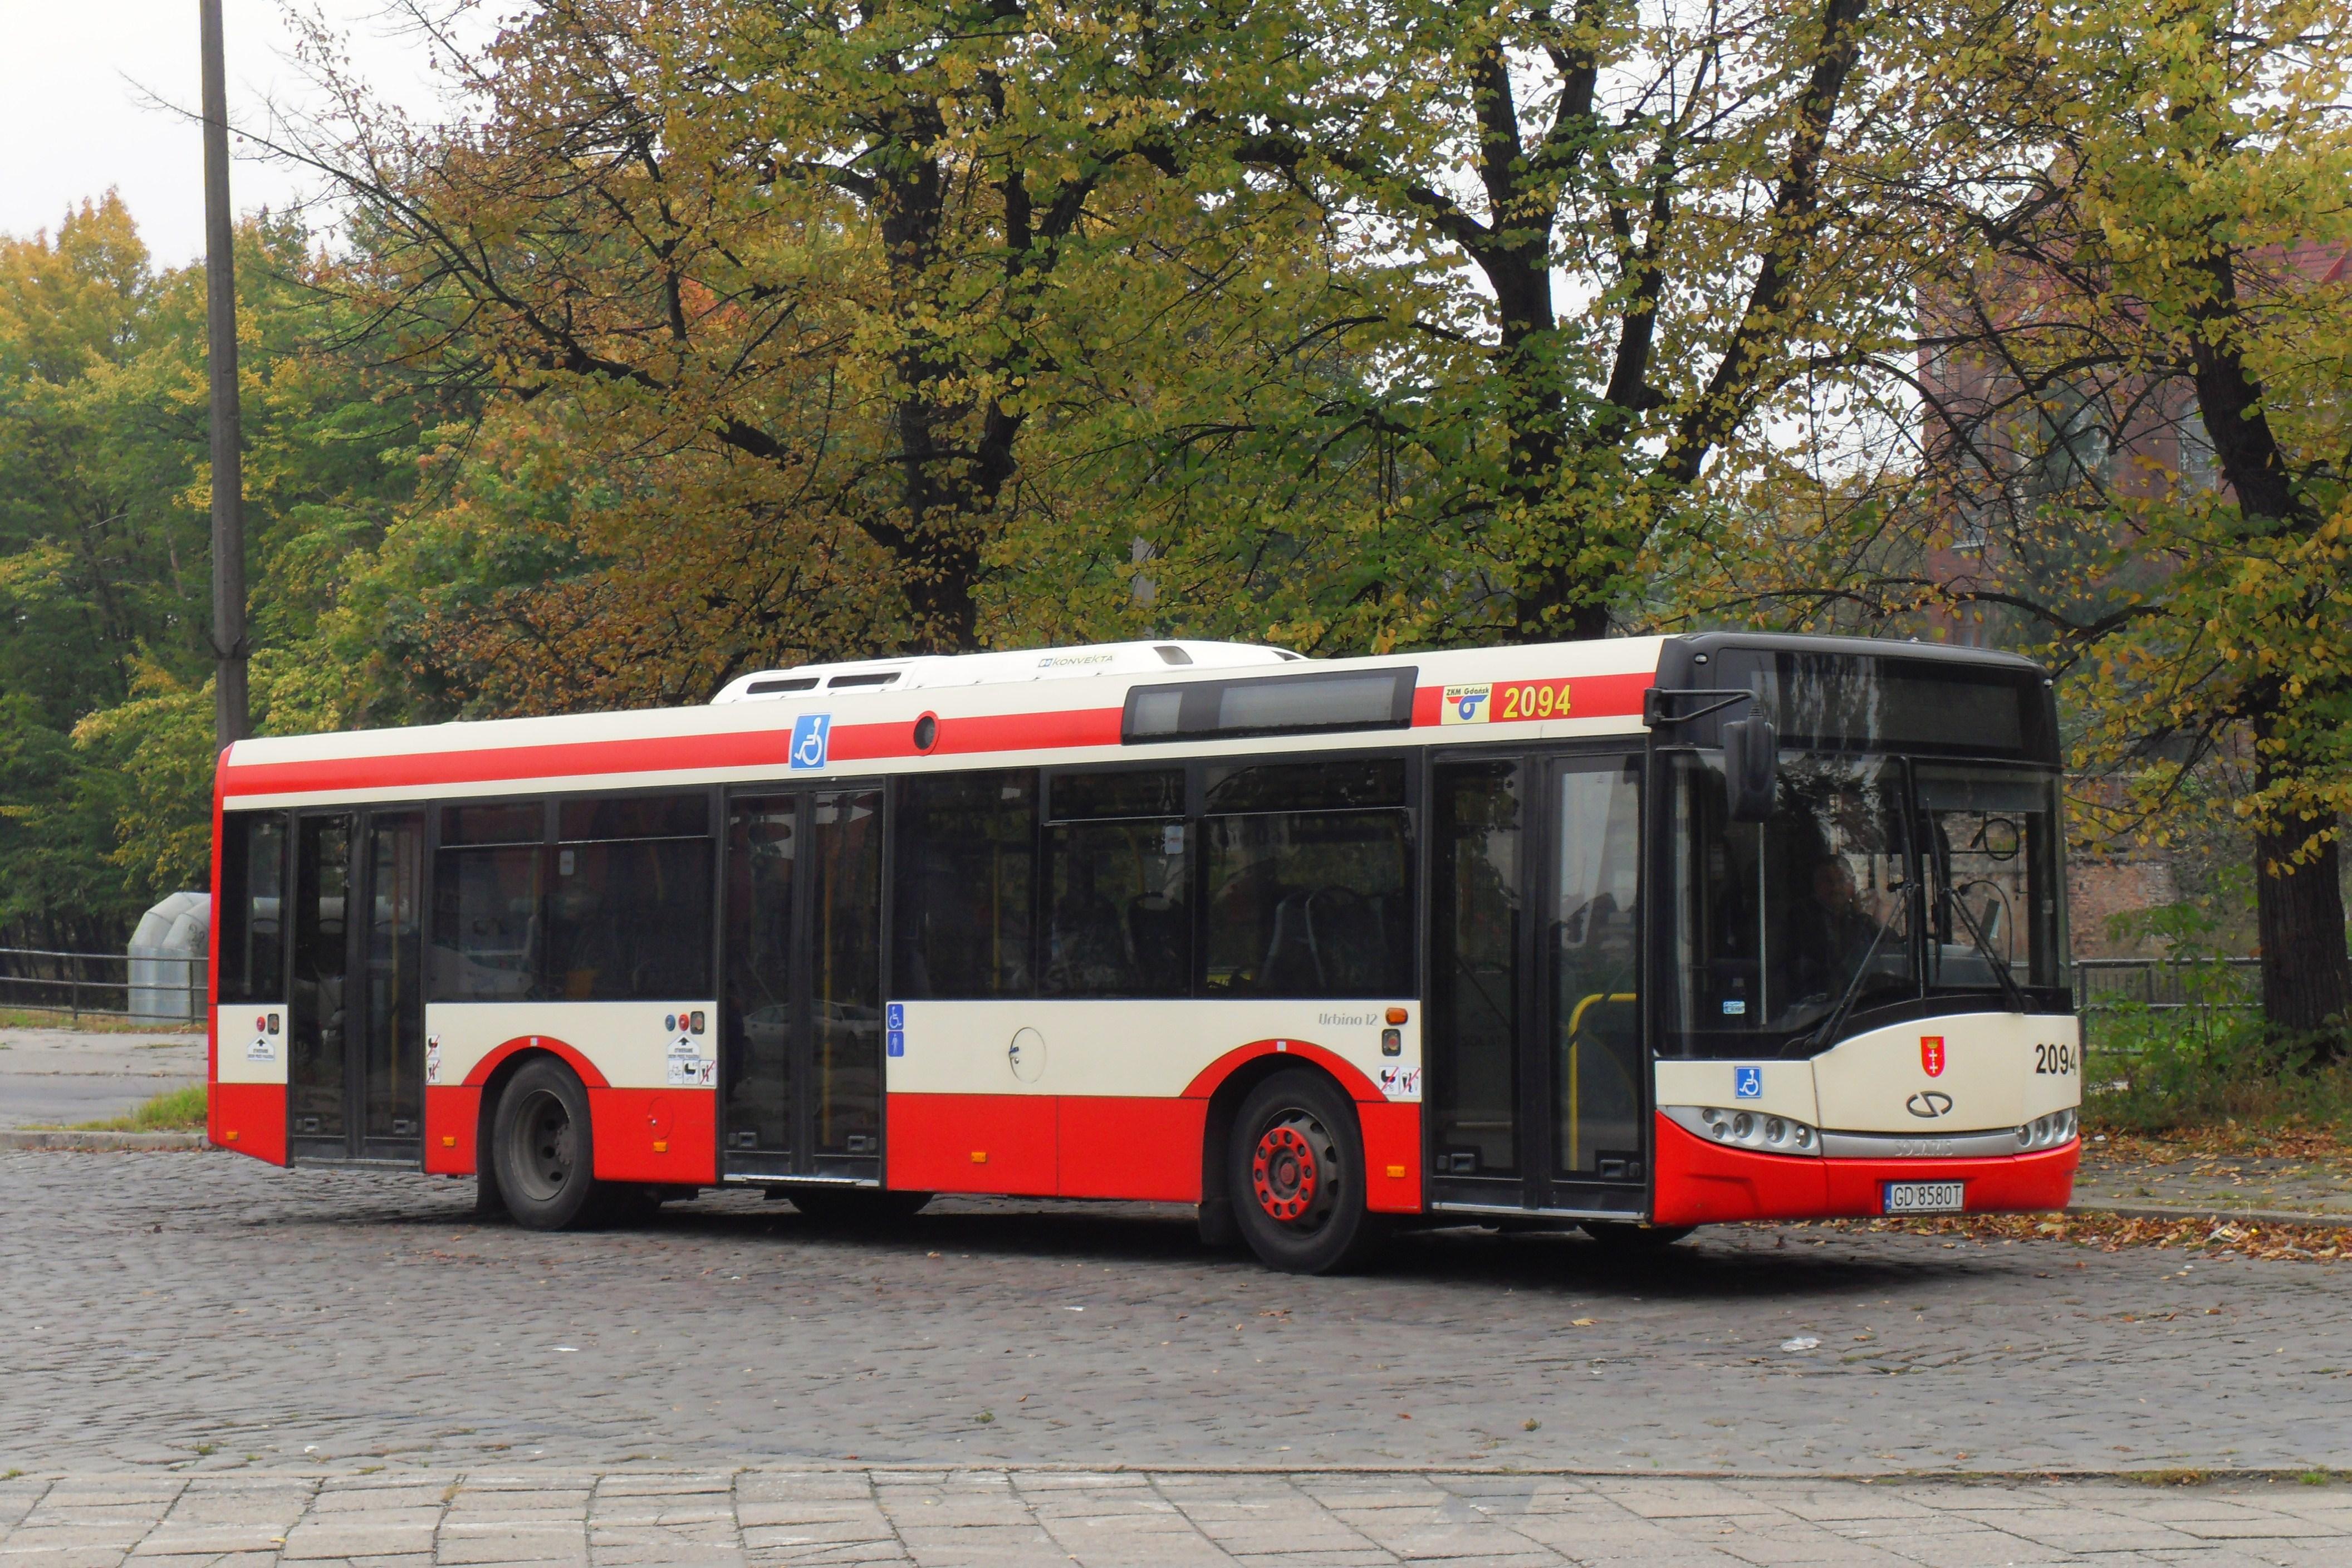 W Mega File:Gdańsk Śródmieście autobus Solaris.jpg - Wikimedia Commons JT72